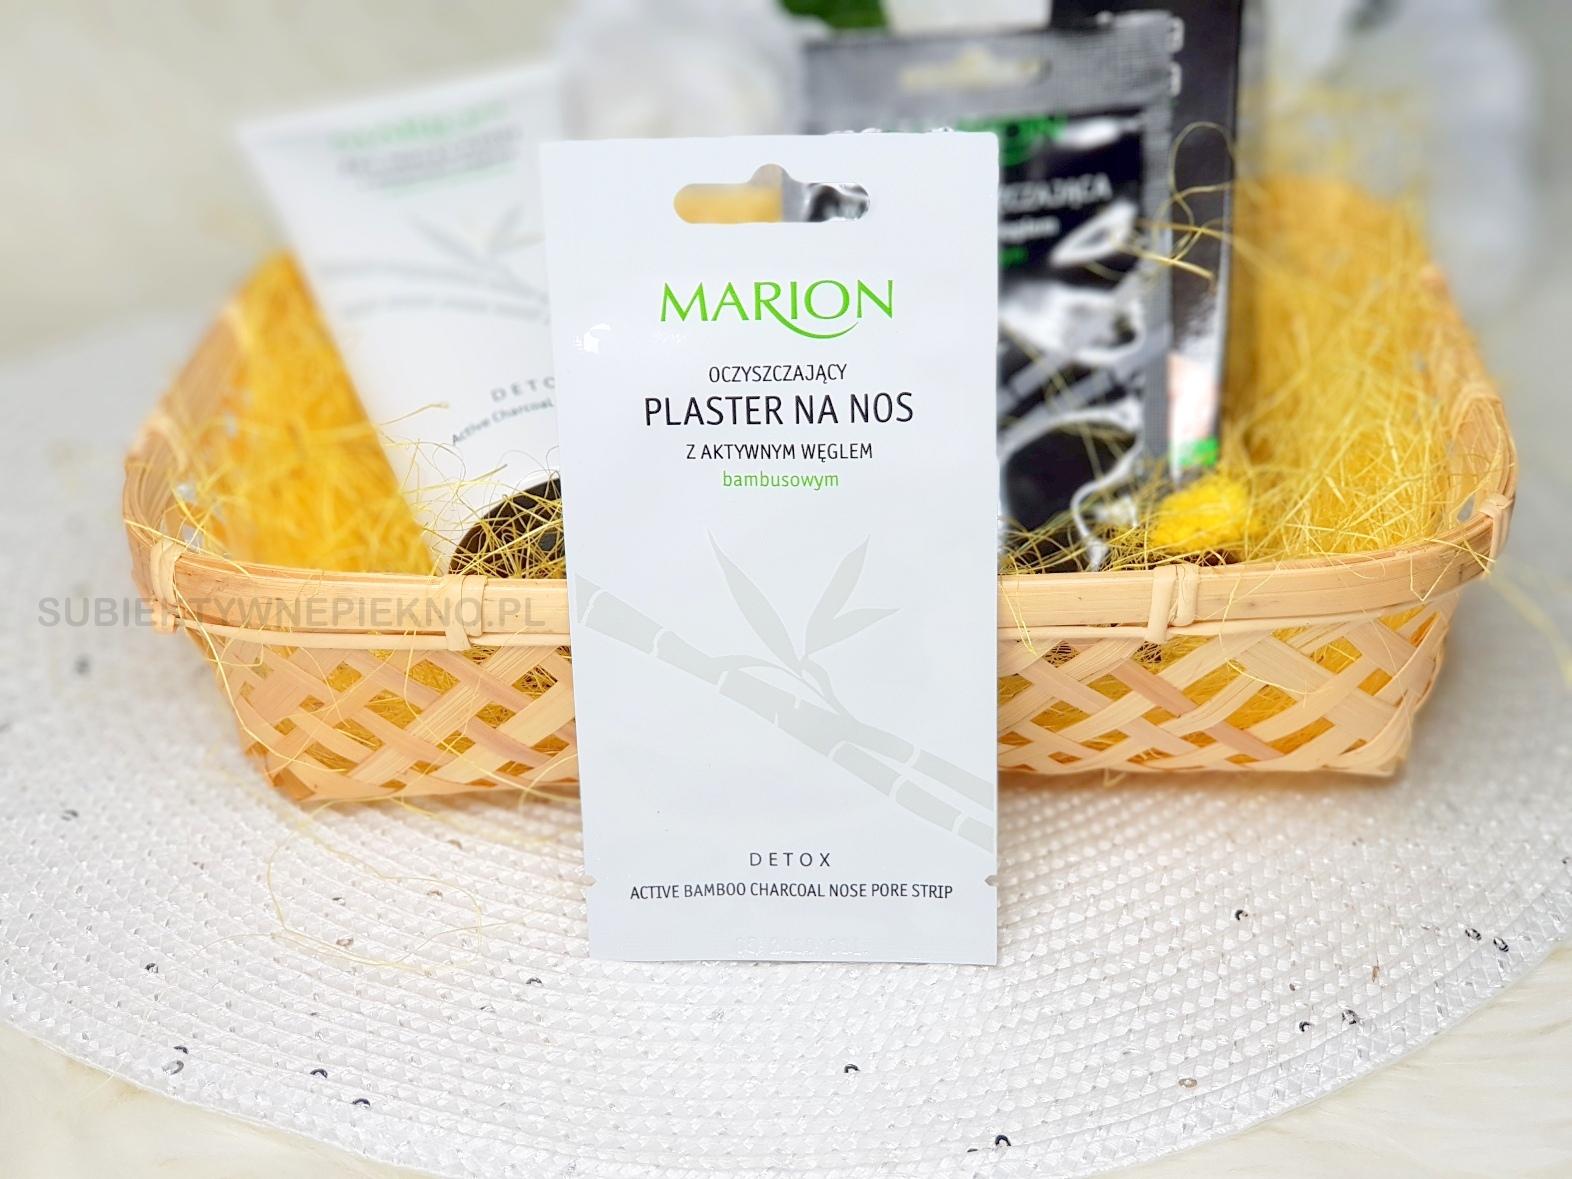 Oczyszczający plaster na nos Marion z aktywnym węglem i oczarem wirginijskim